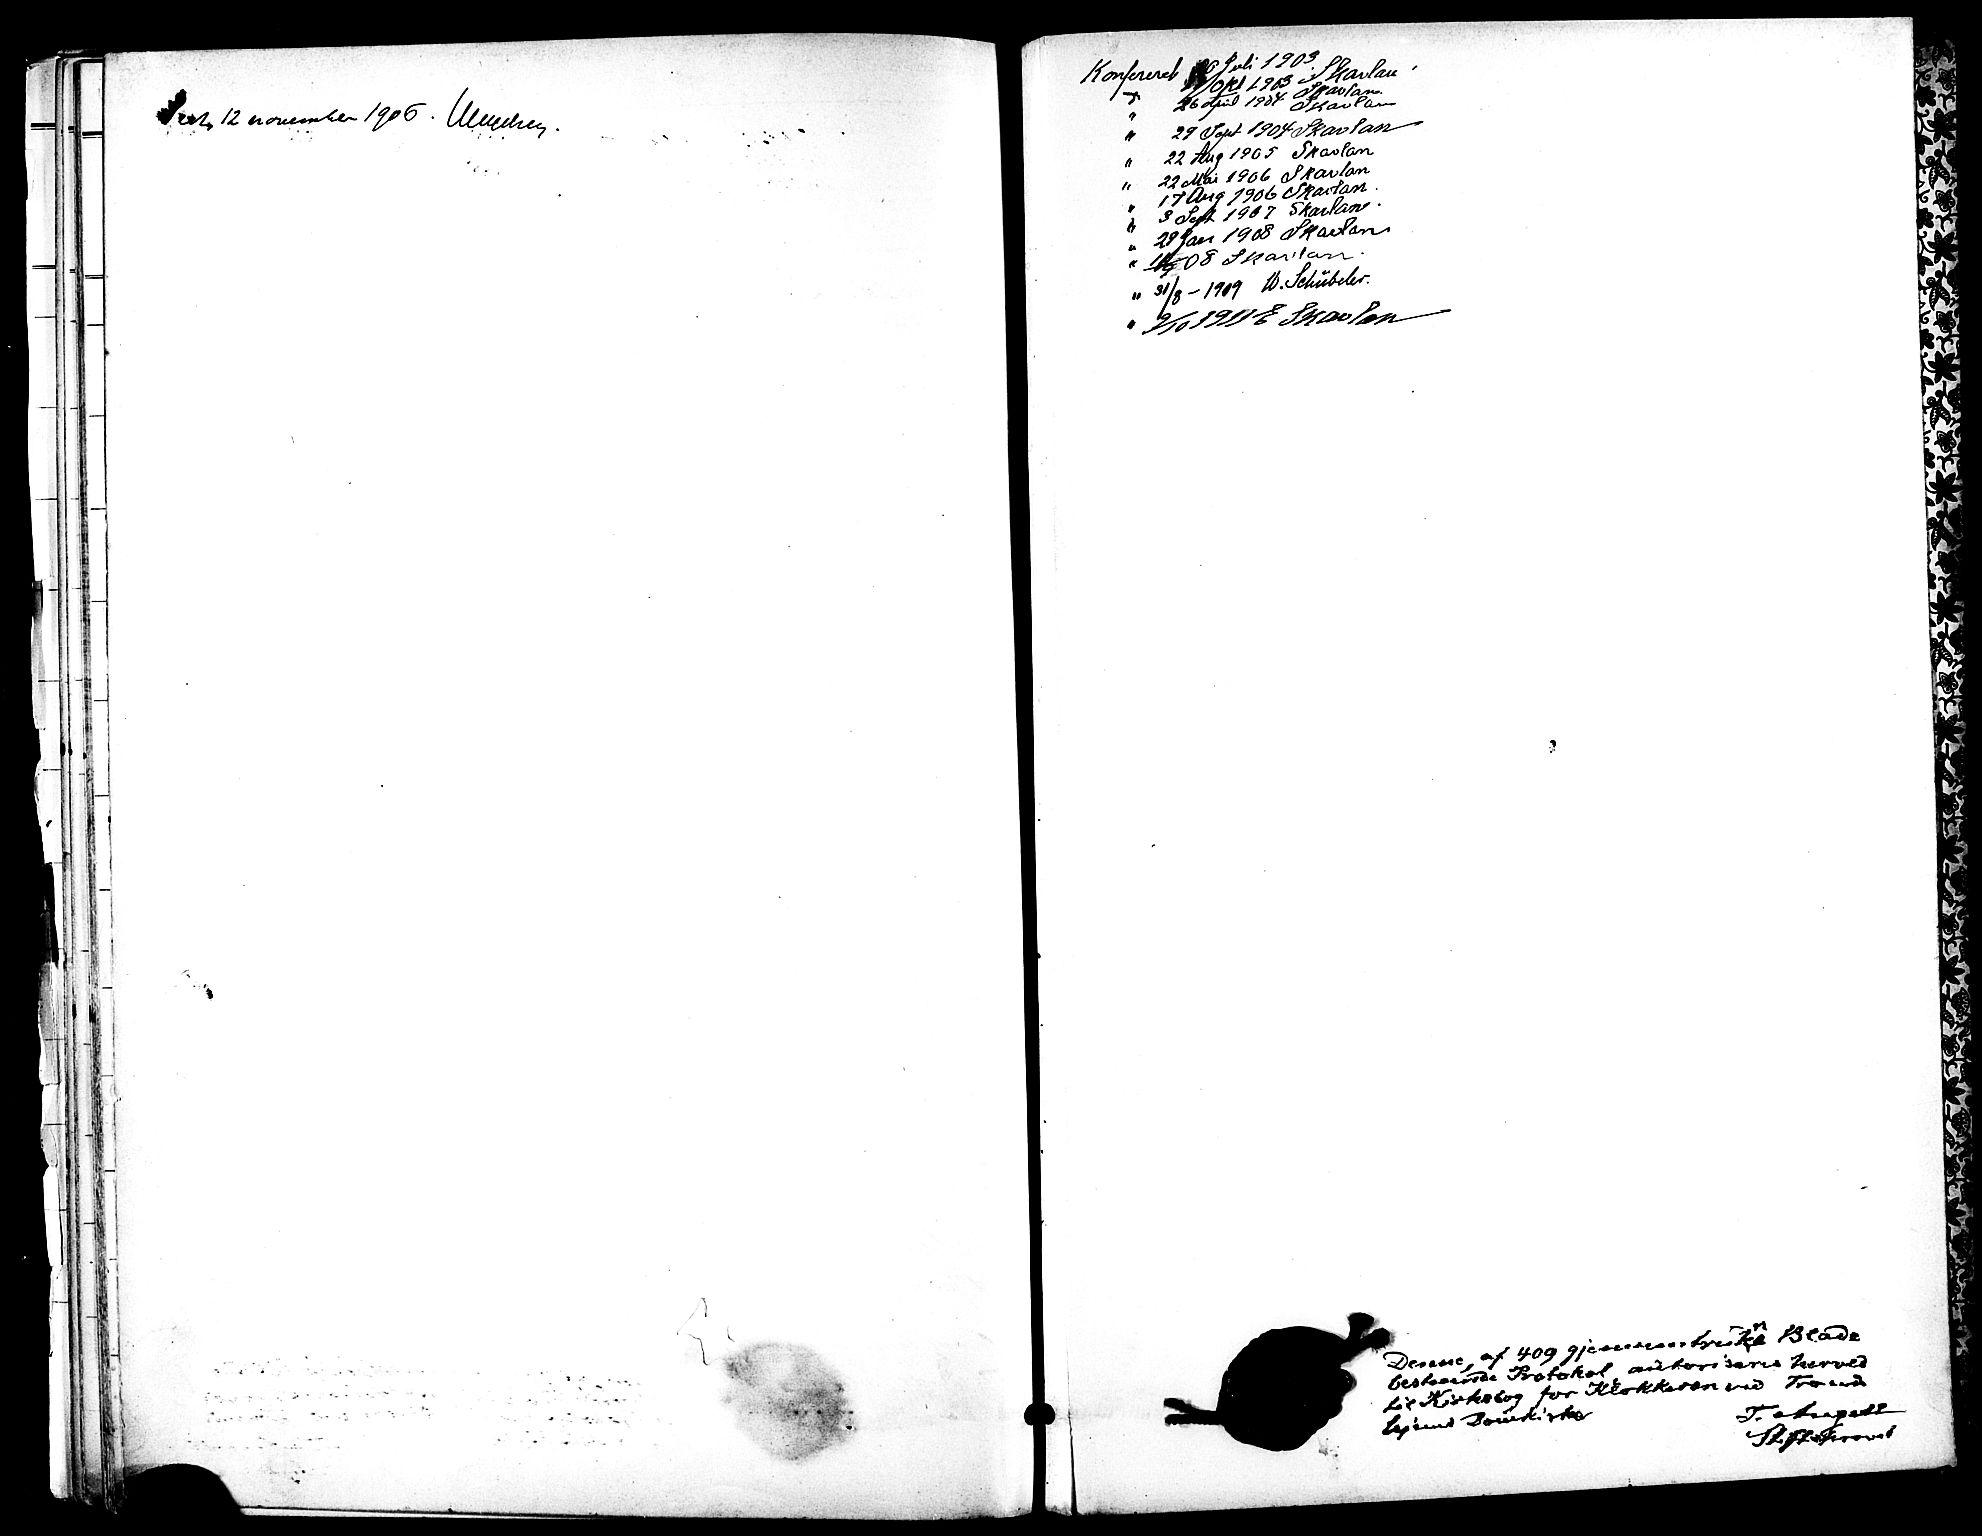 SAT, Ministerialprotokoller, klokkerbøker og fødselsregistre - Sør-Trøndelag, 601/L0094: Klokkerbok nr. 601C12, 1898-1911